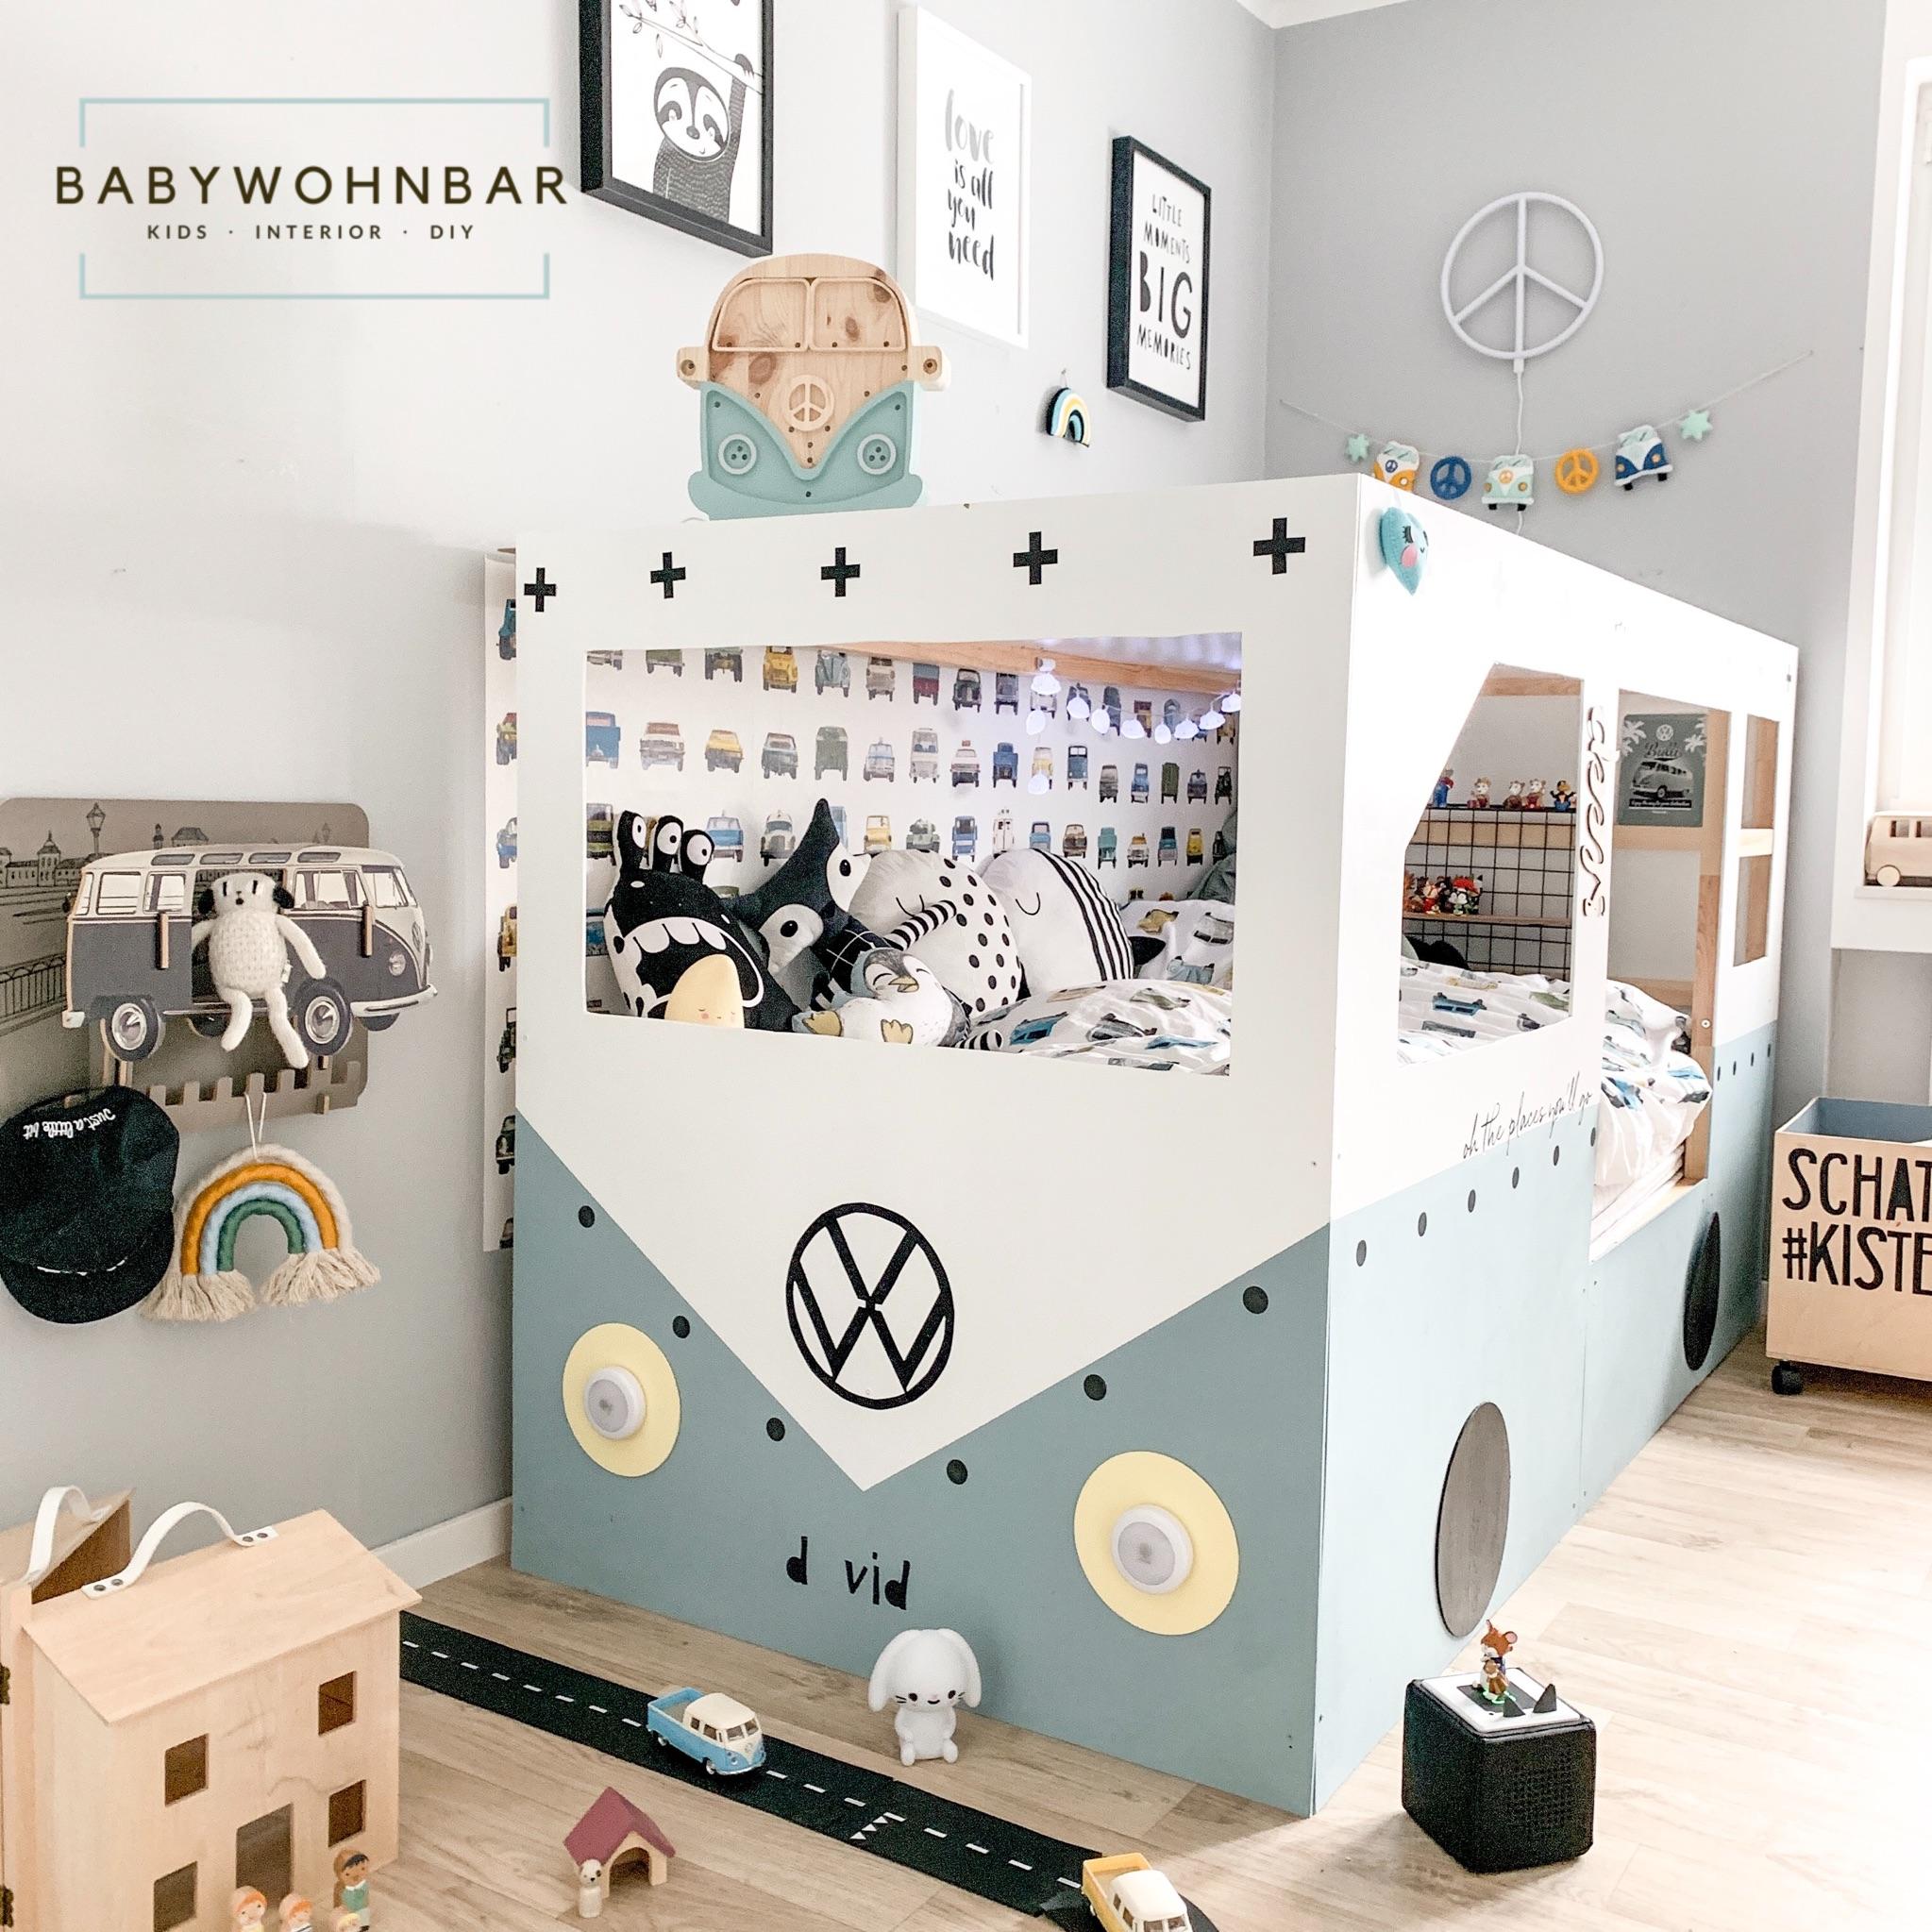 Full Size of Kinderbett Diy Haus Baldachin Obi Ikea Hausbett Anleitung Ideen Rausfallschutz Bauanleitung Kinderbetten Bett Wohnzimmer Kinderbett Diy